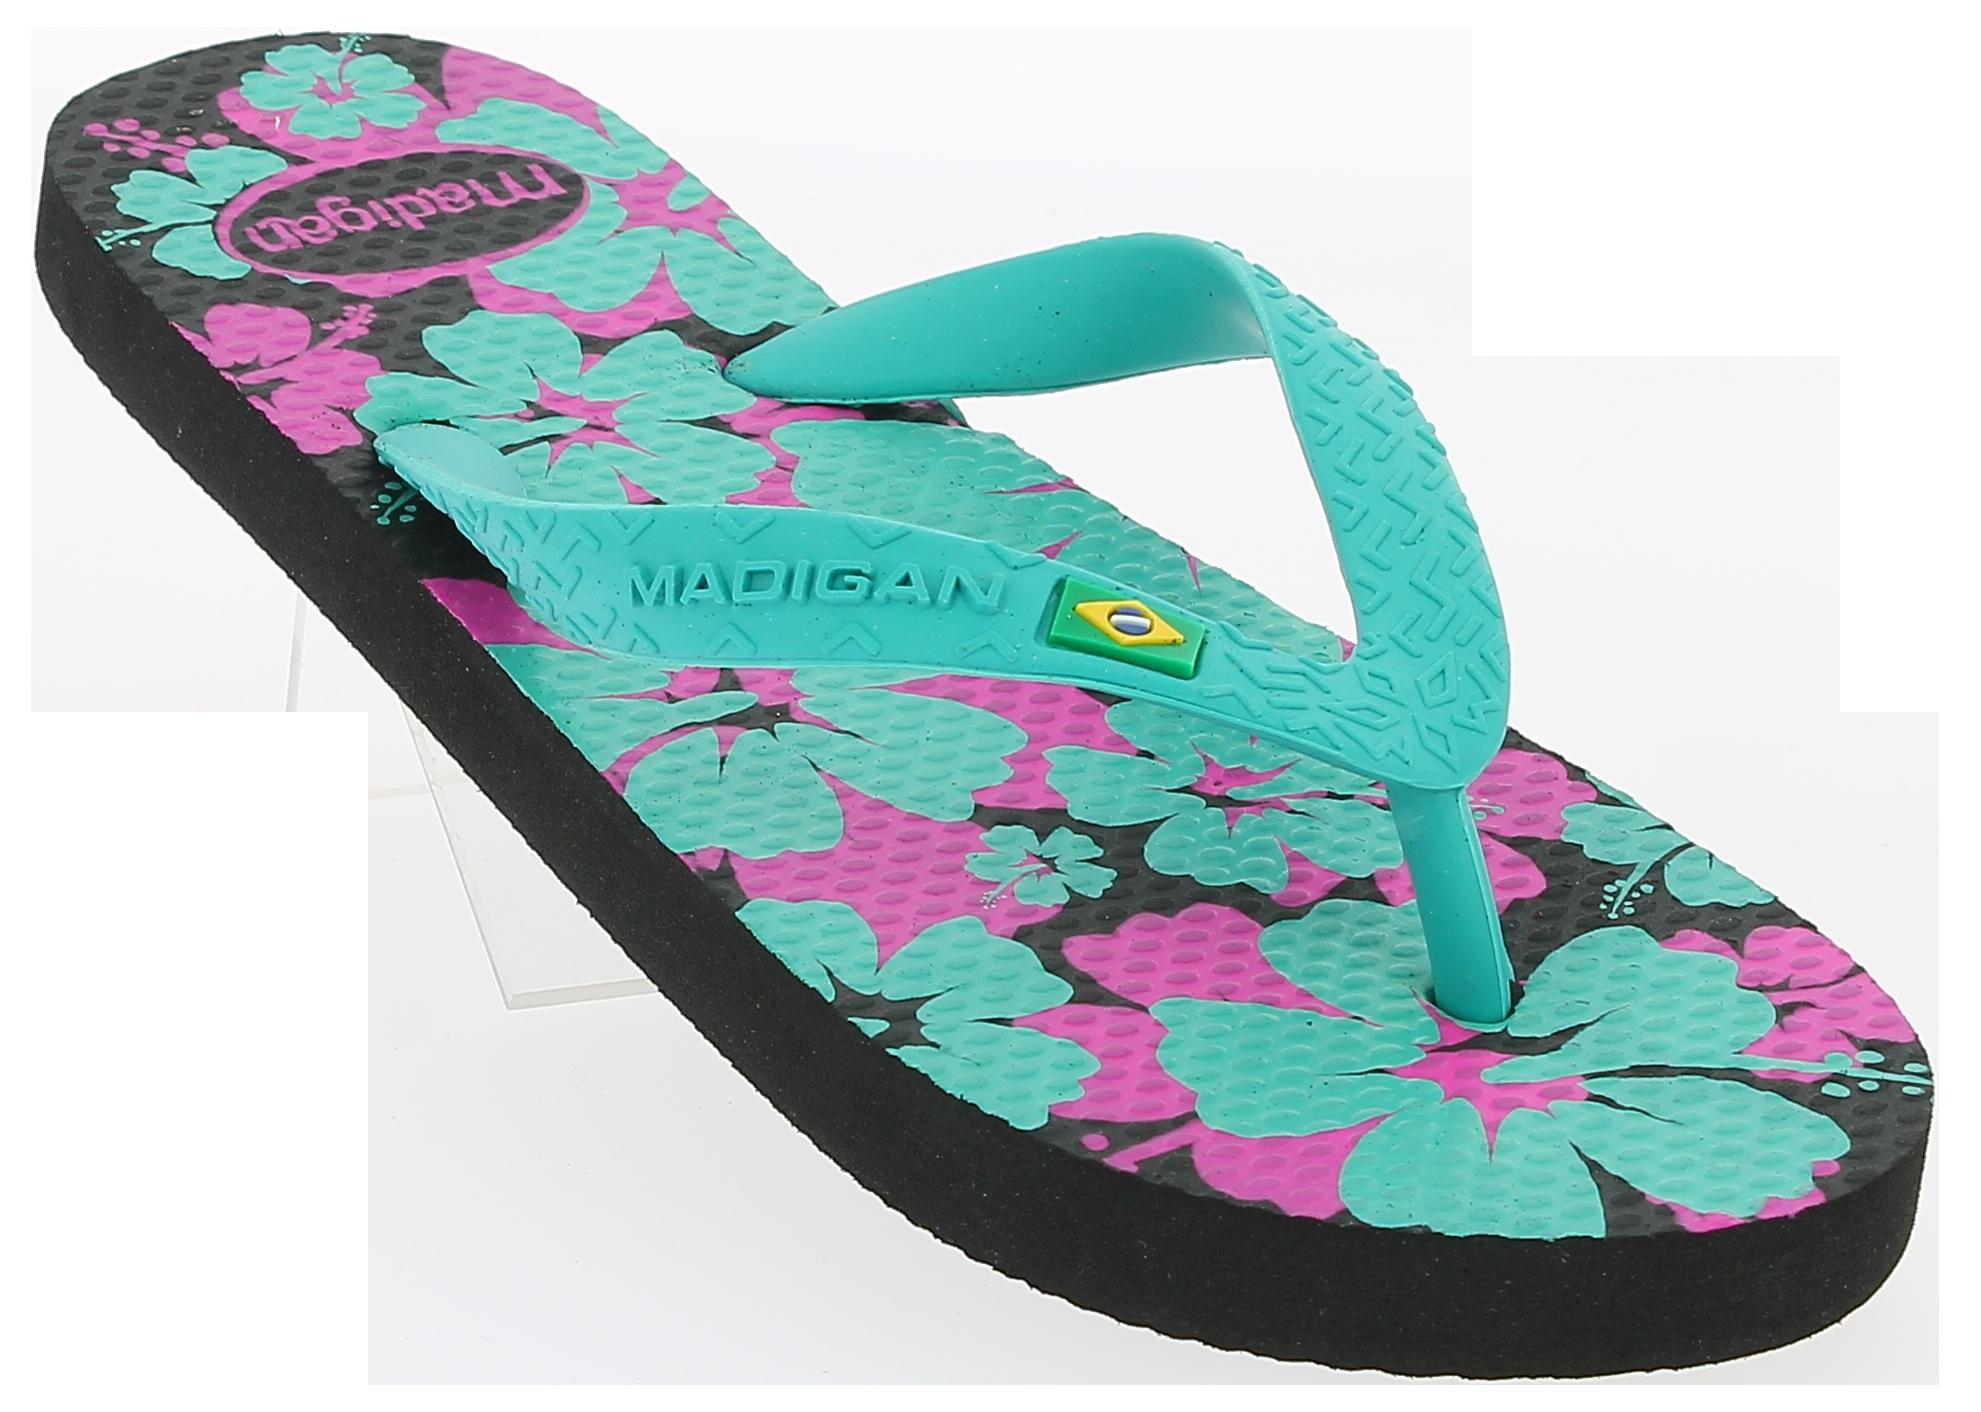 MADIGAN Γυναικεία Σαγιονάρα IBISCO Πετρόλ - IqShoes - IBISCO VERDE-Verde-36/1/4/ προϊόντα παπούτσια